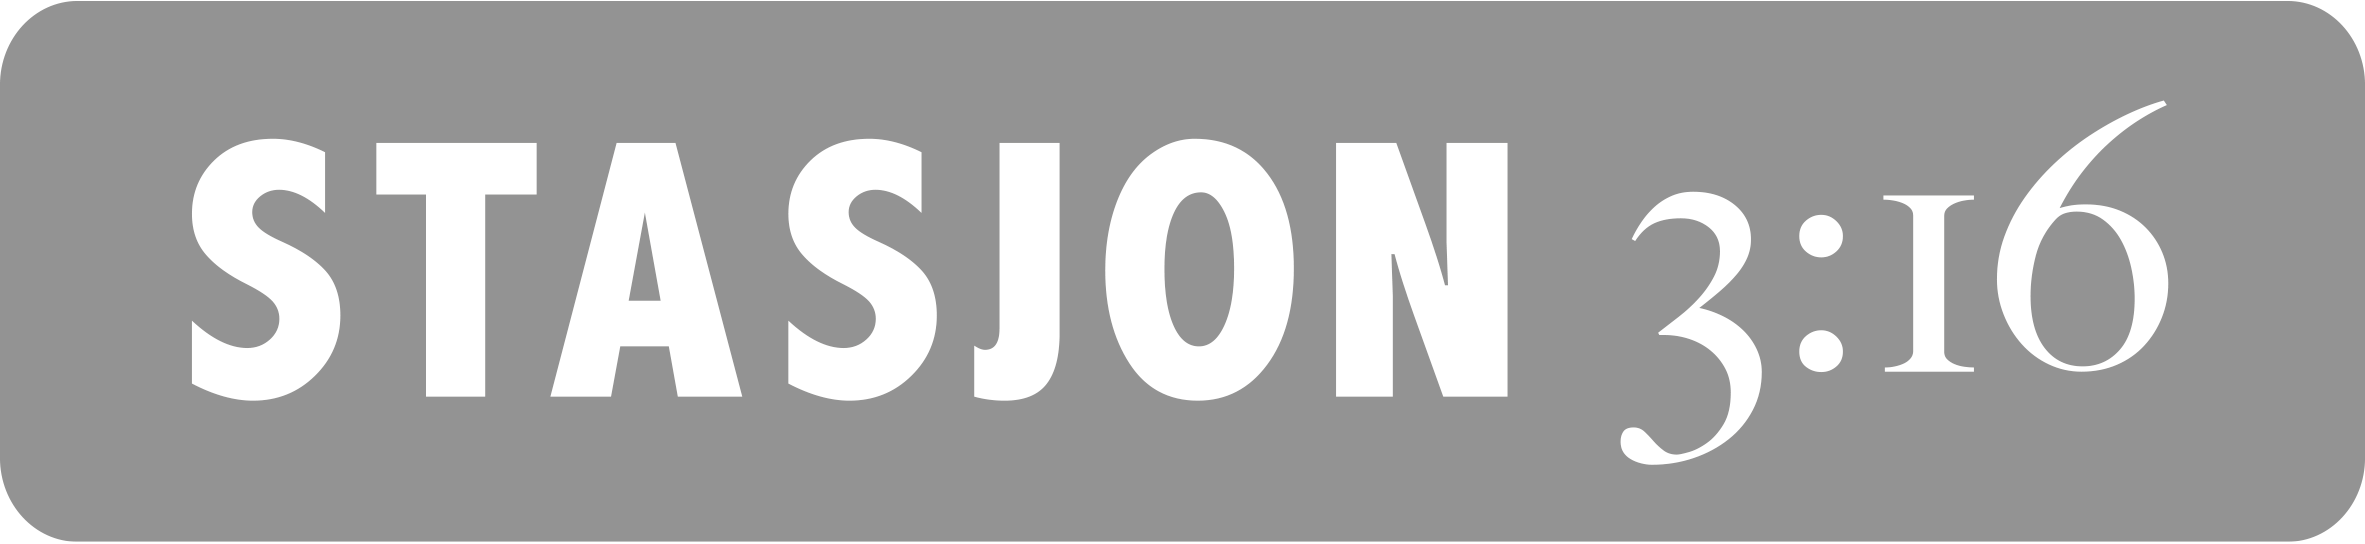 Stasjon316